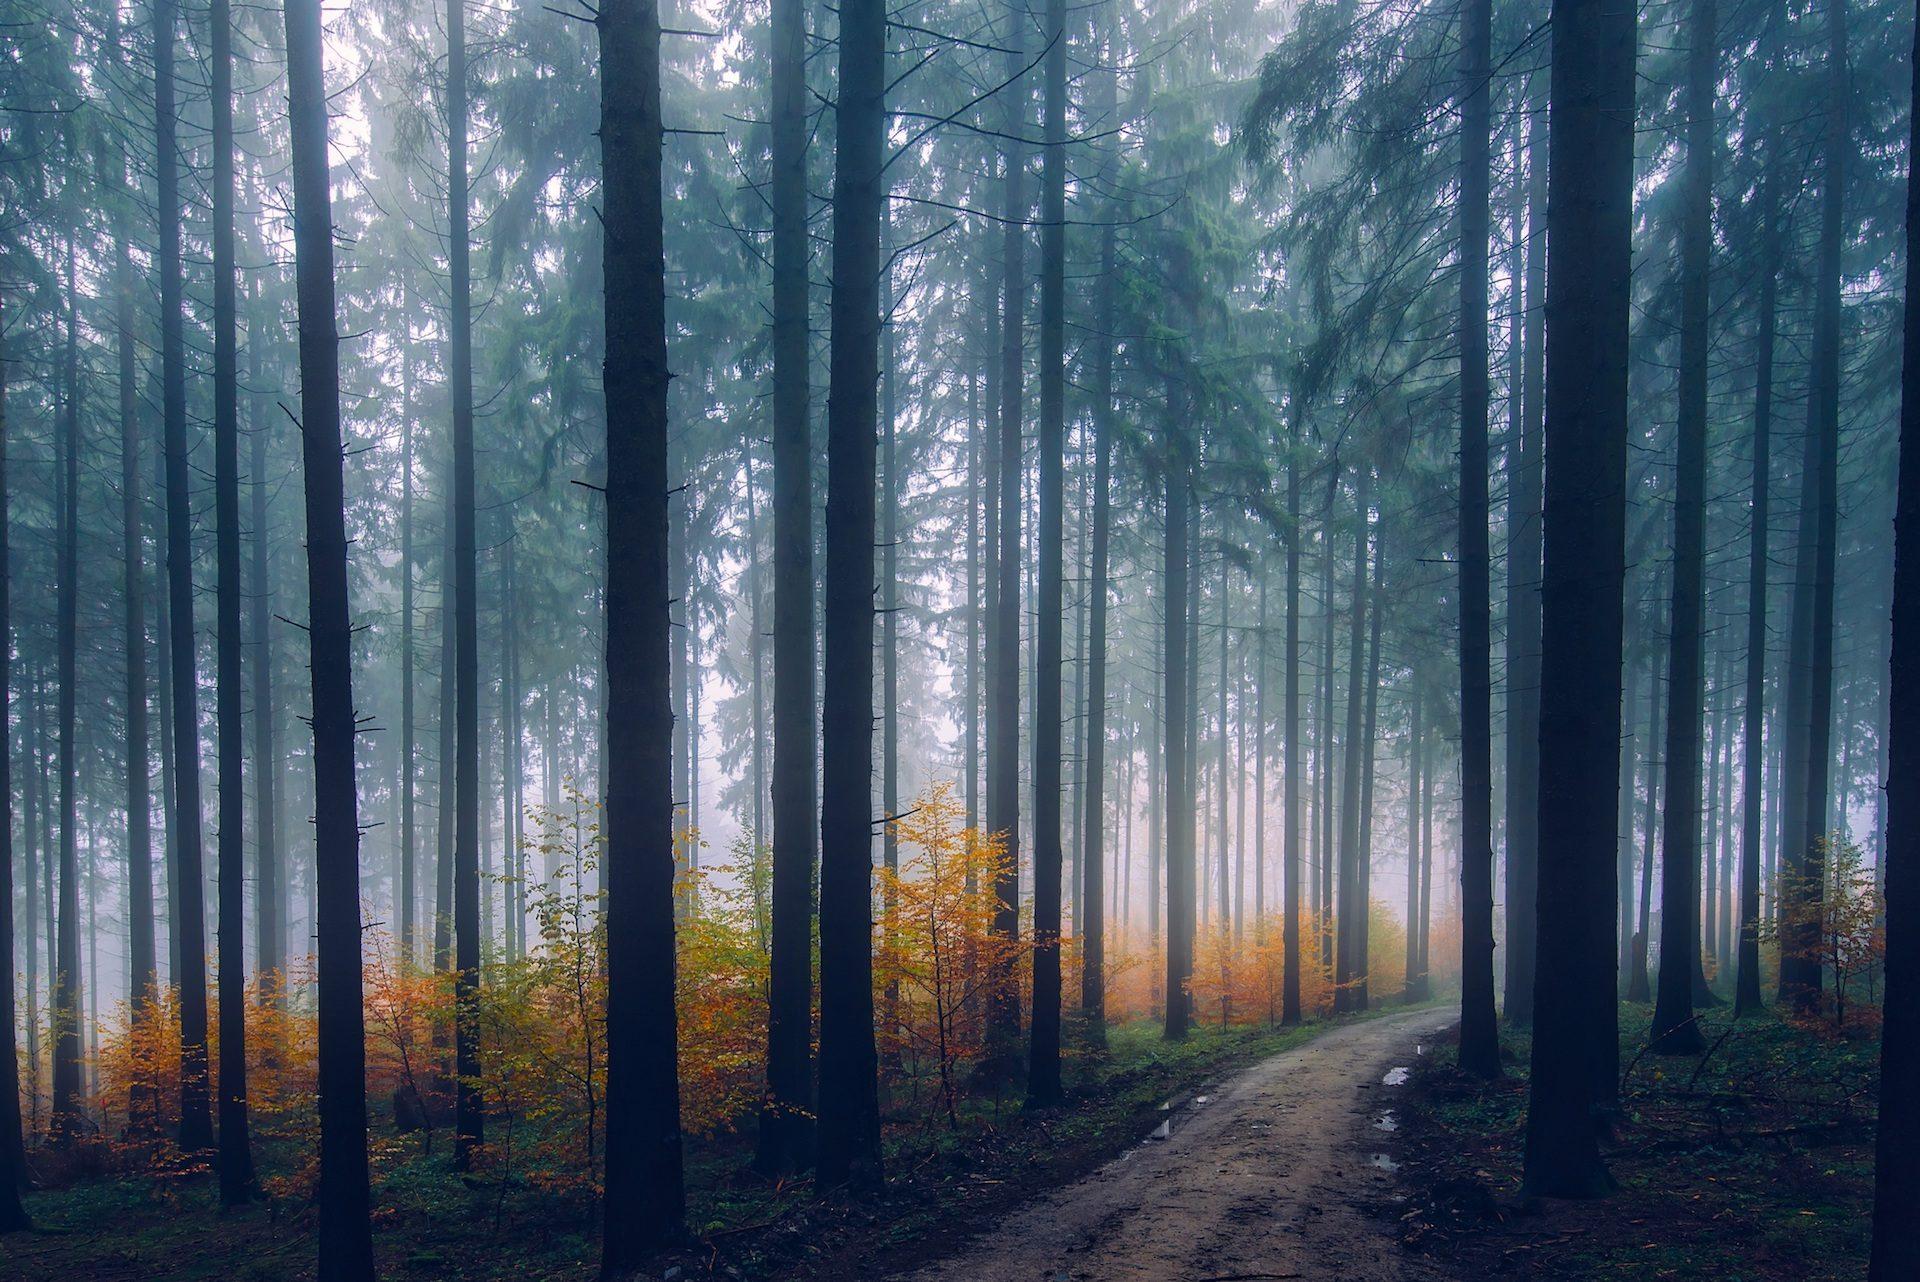 森林, 雾, 秋天, 线索, 道路, 树木 - 高清壁纸 - 教授-falken.com